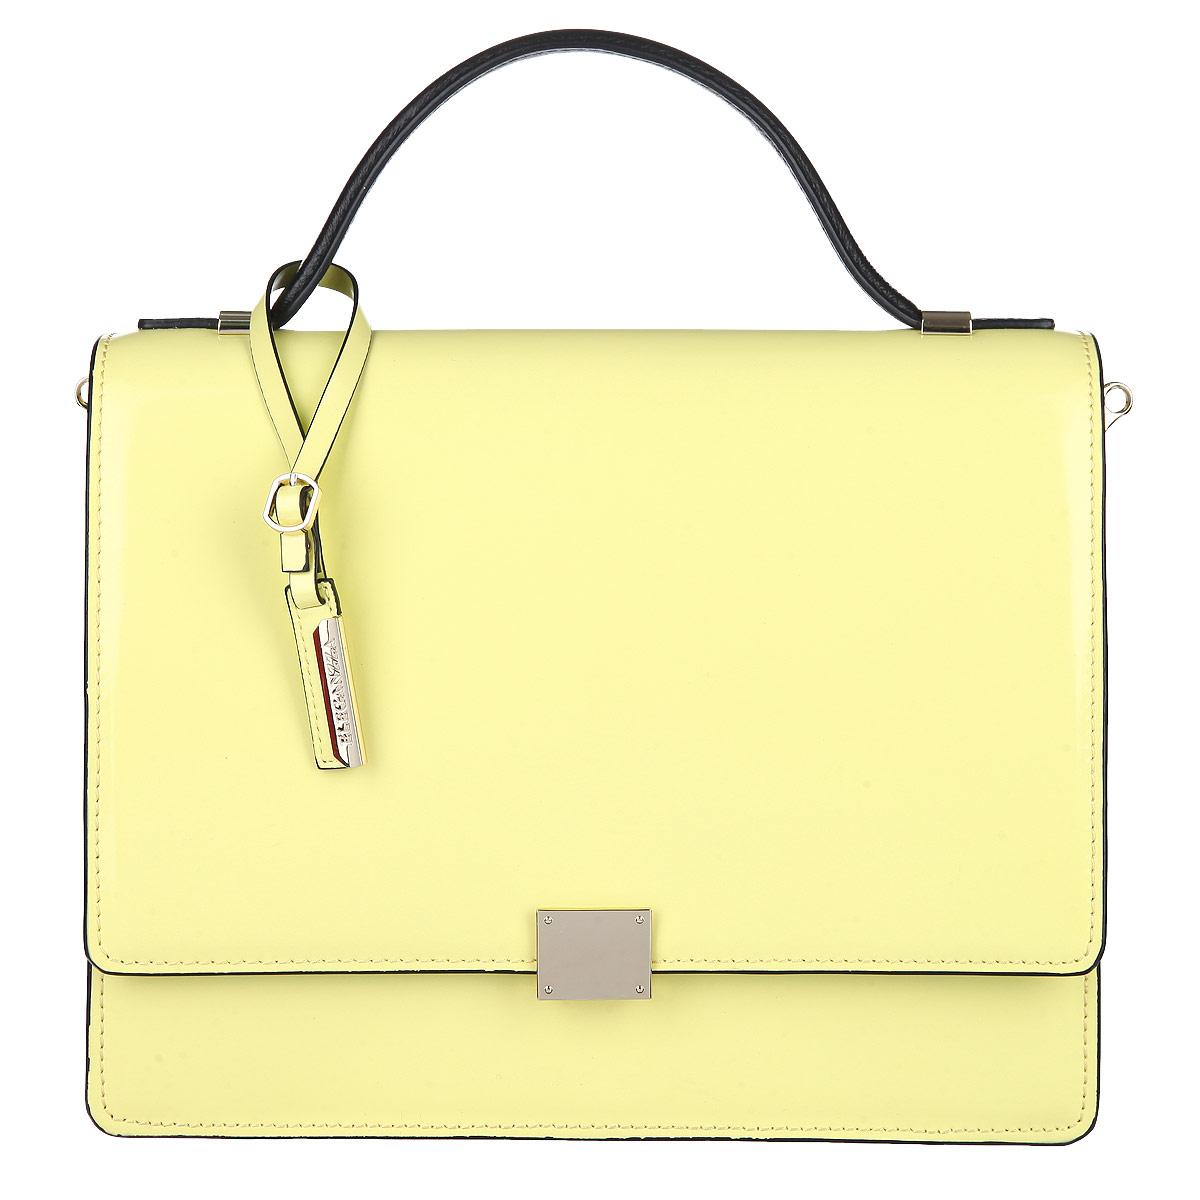 Сумка женская Eleganzza, цвет: пастельно-желтый. ZK15-7628ZK15-7628Изысканная женская сумка Eleganzza выполнена из натуральной кожи и декорирована стильным фирменным брелоком. Сумка закрывается клапаном на замок-защелку. В сумке два отделения и открытый карман. Во втором отделении - врезной карман на застежке-молнии. На обратной стороне сумки расположен врезной карман на молнии. Сумка оснащена удобным плечевым ремнем. Изделие упаковано в фирменный чехол. Блестящий дизайн сумки, сочетающий классические формы с оригинальным оформлением, позволит вам подчеркнуть свою индивидуальность и сделает ваш образ изысканным и завершенным.